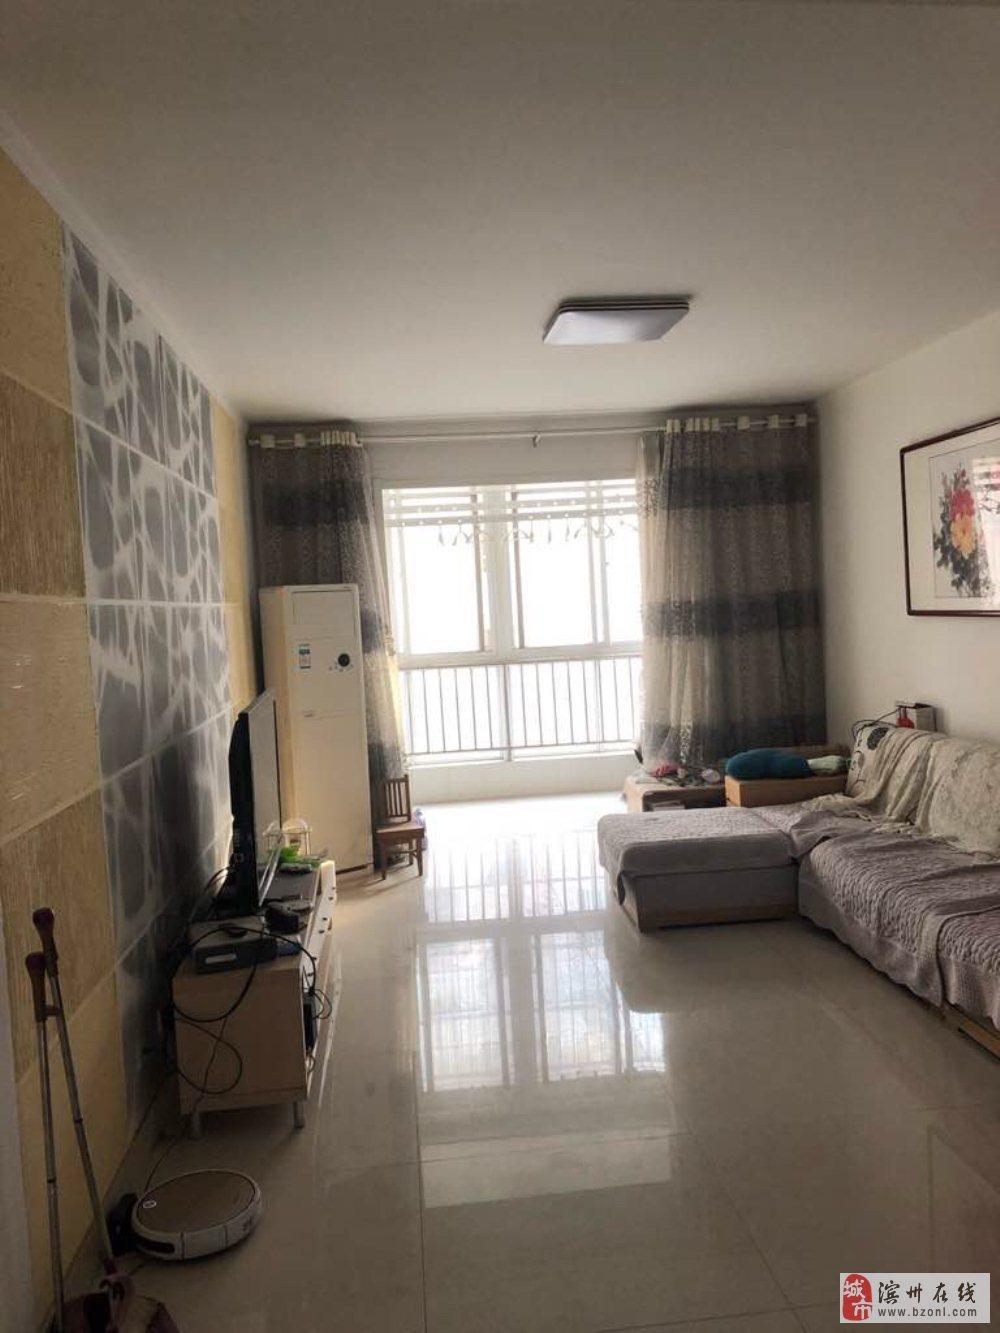 華晨小區2室2廳1衛90萬元